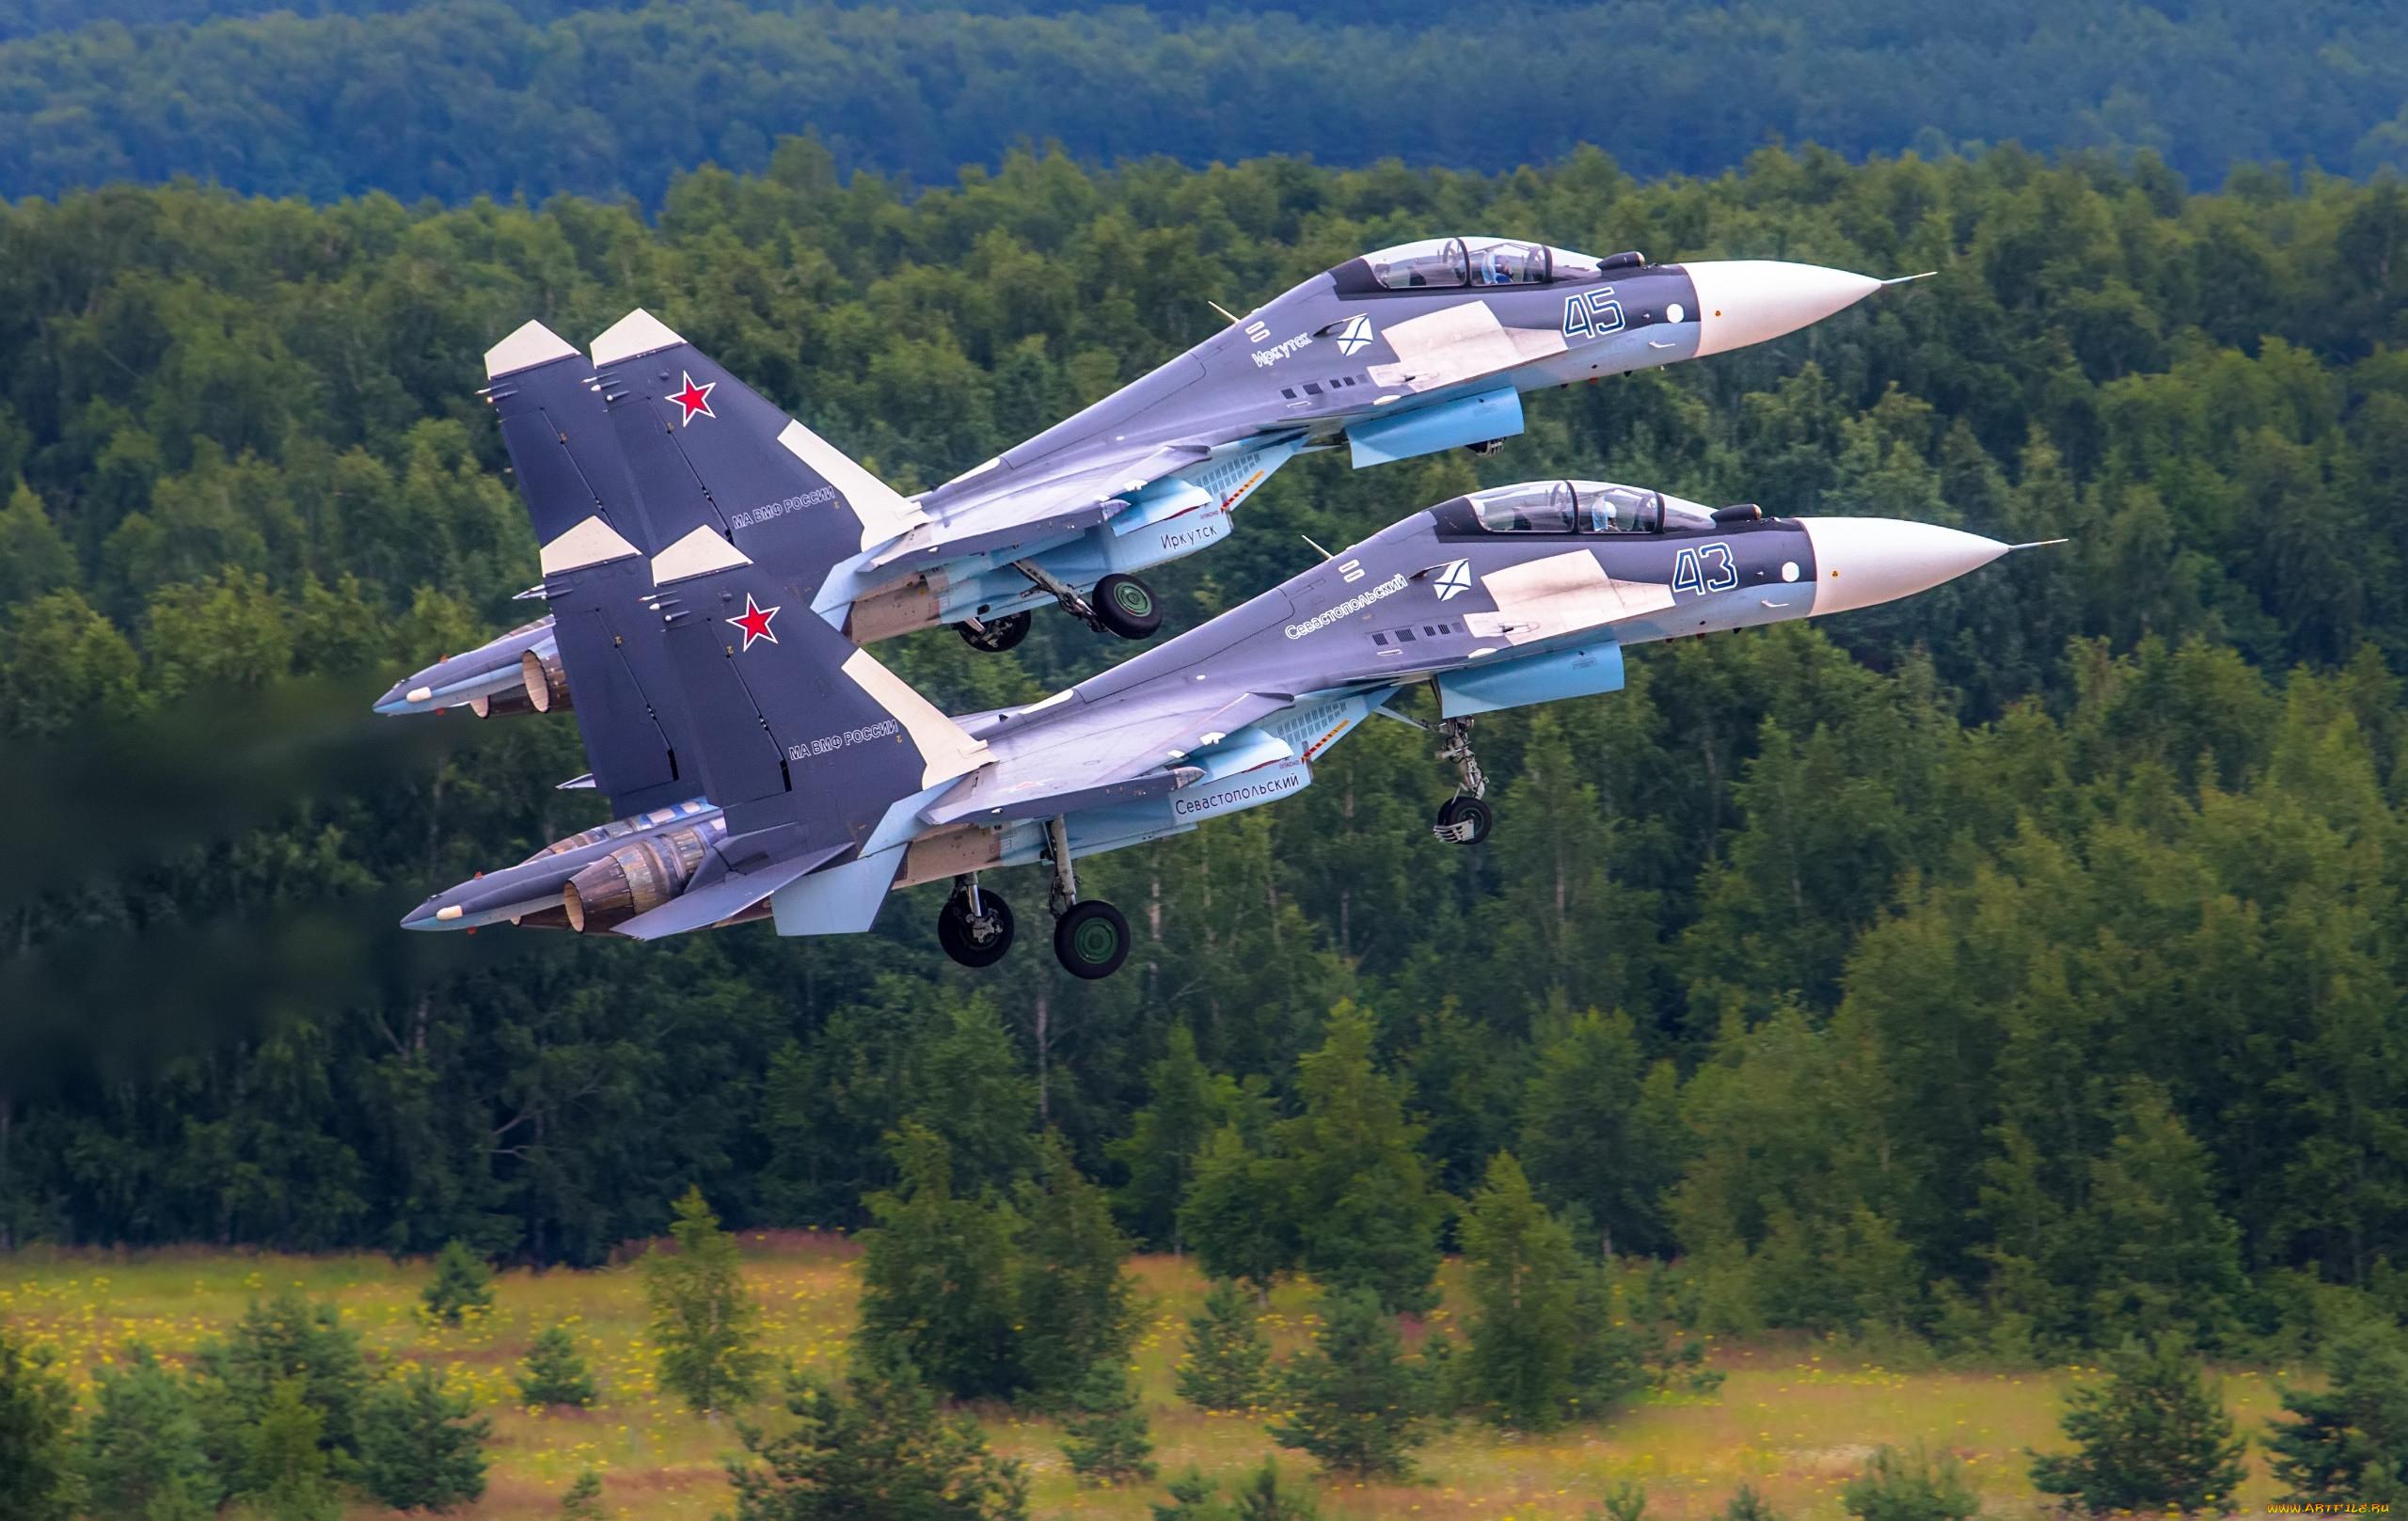 были современная авиация россии фото дому друга никогда